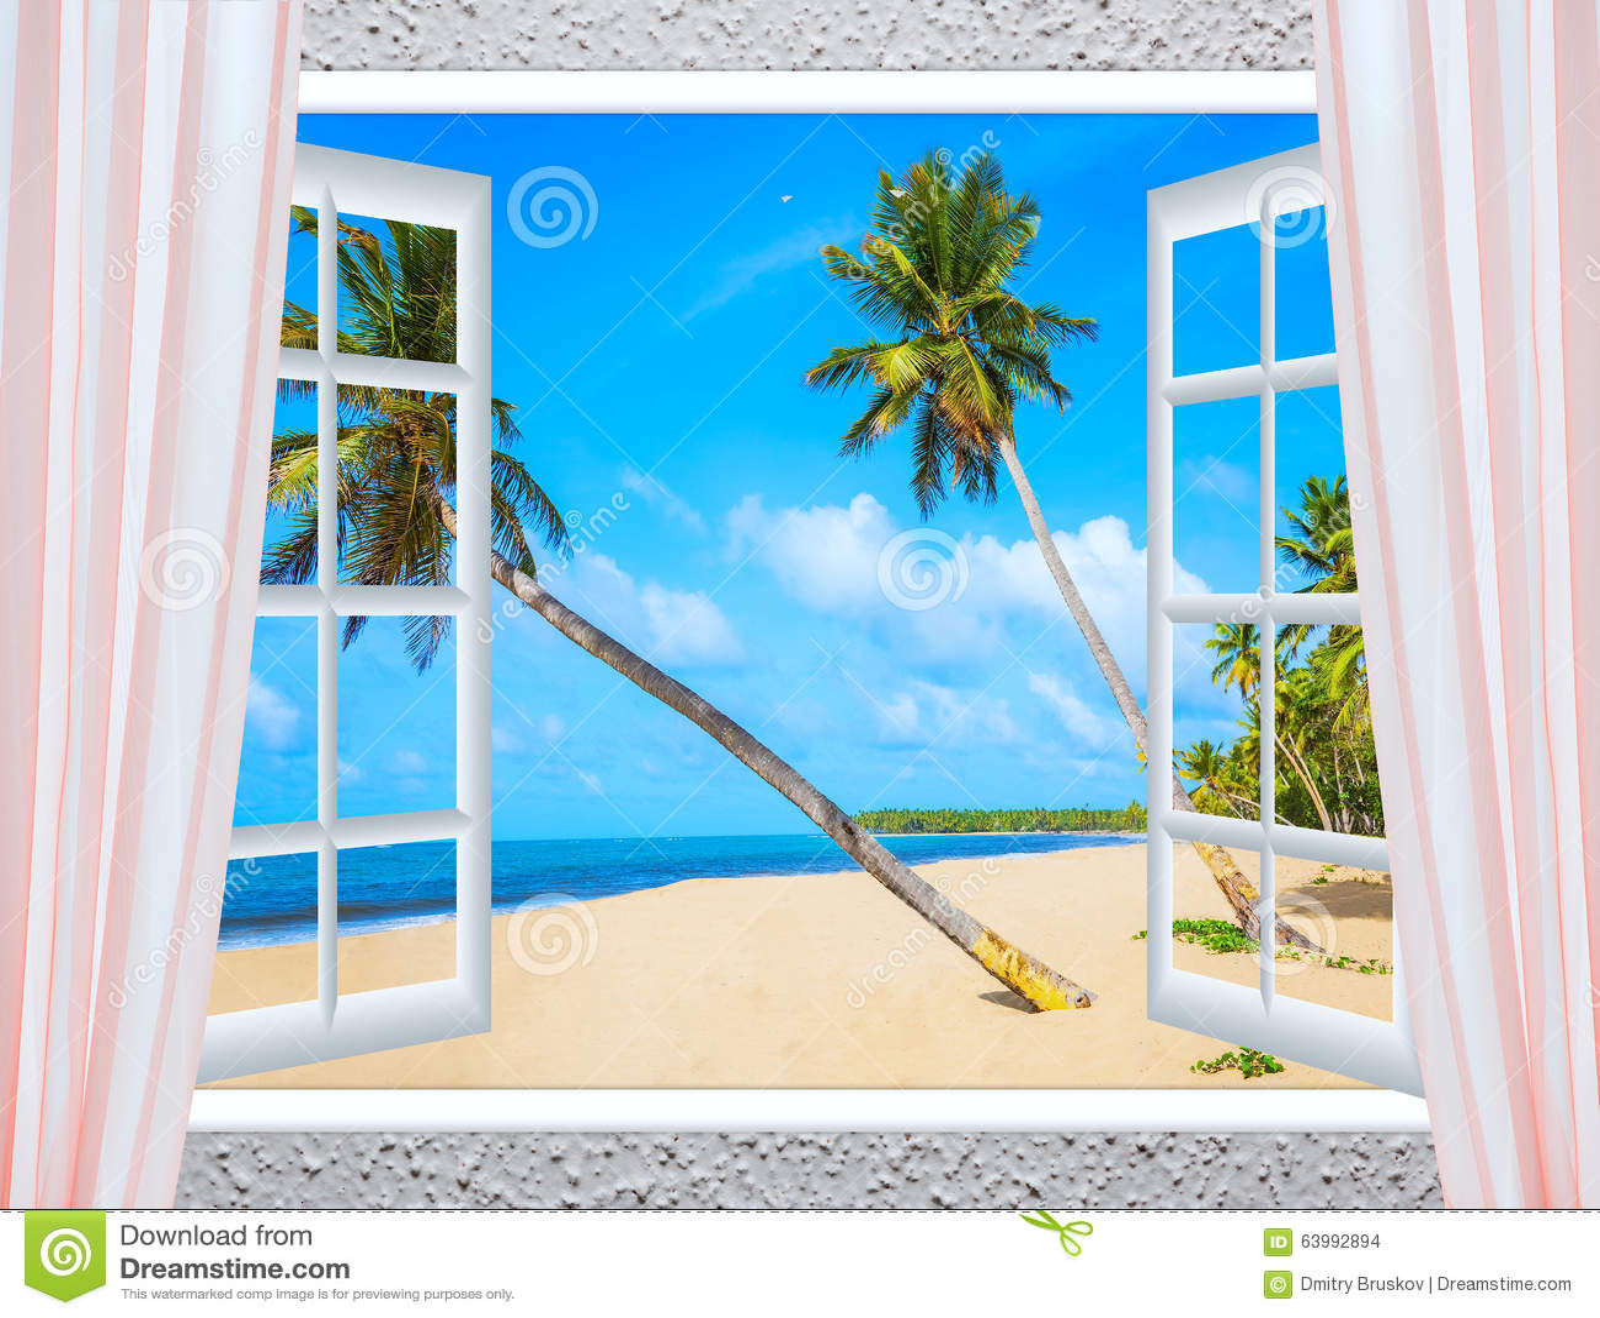 Offenes fenster meer  Offenes Fenster Zum Meer Stockfoto - Bild: 63992894